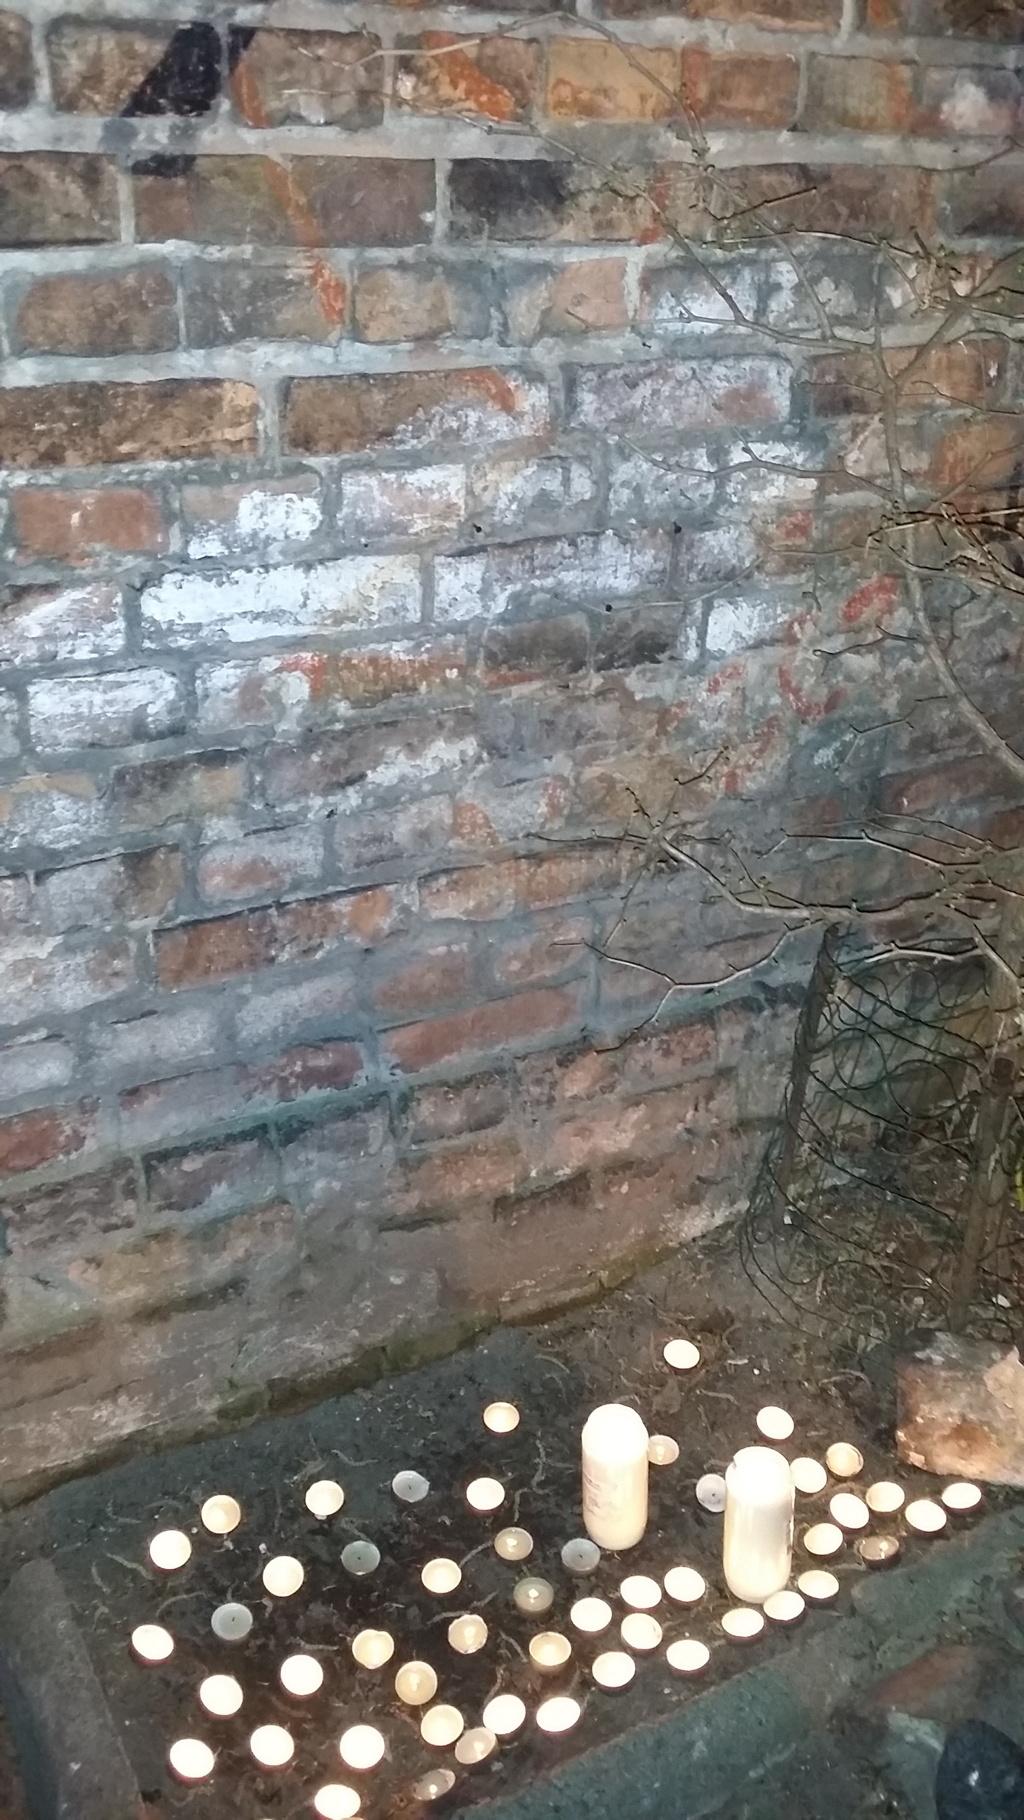 Gedenken an den Mauerresten des Warschauer Ghettos